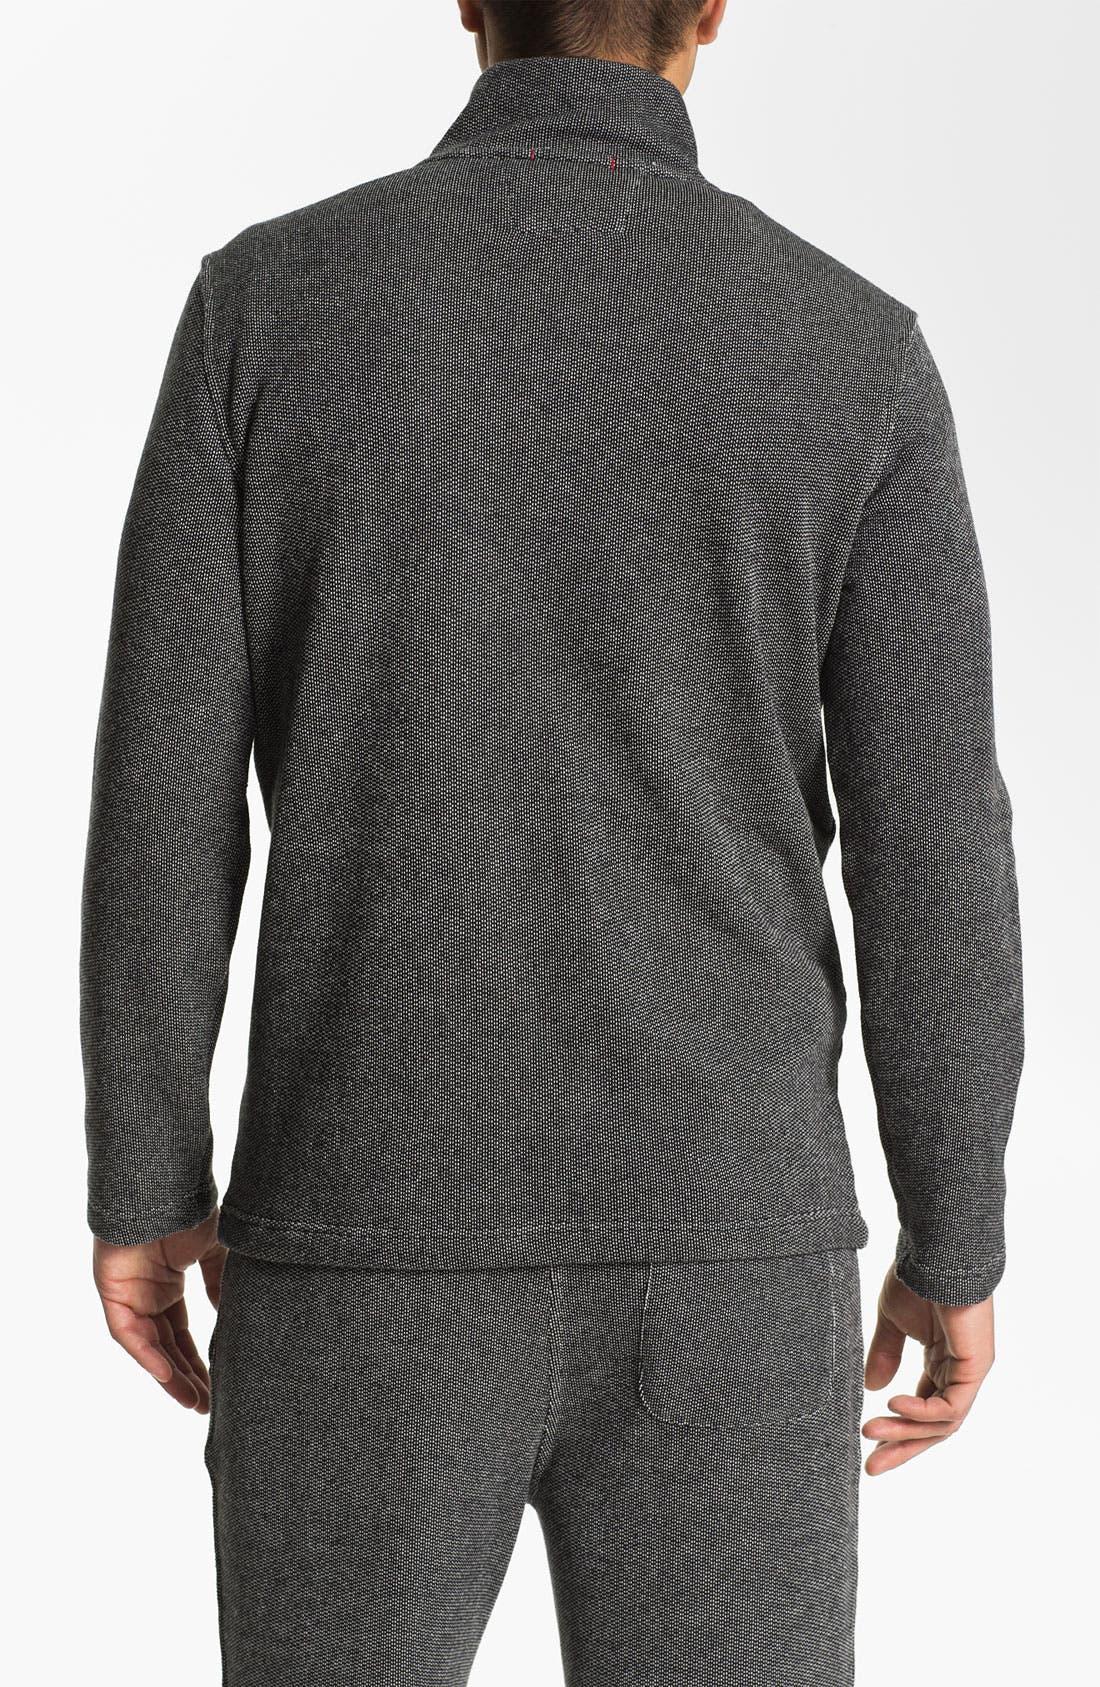 Alternate Image 2  - Daniel Buchler Quarter Zip Textured Cotton Blend Sweatshirt